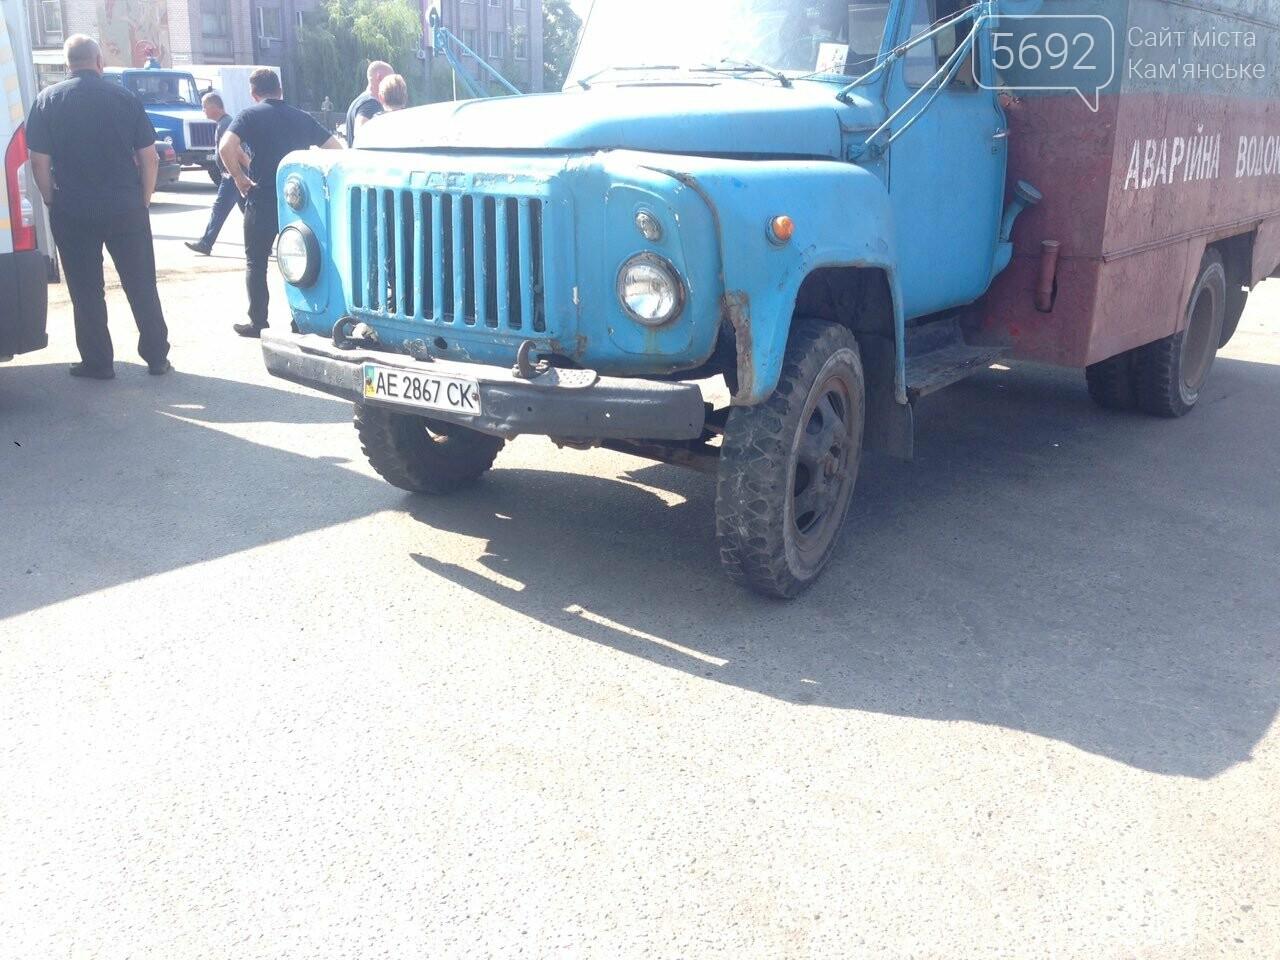 В Каменском водитель «Горводоканала» на ГАЗе сбил мопедиста, фото-3